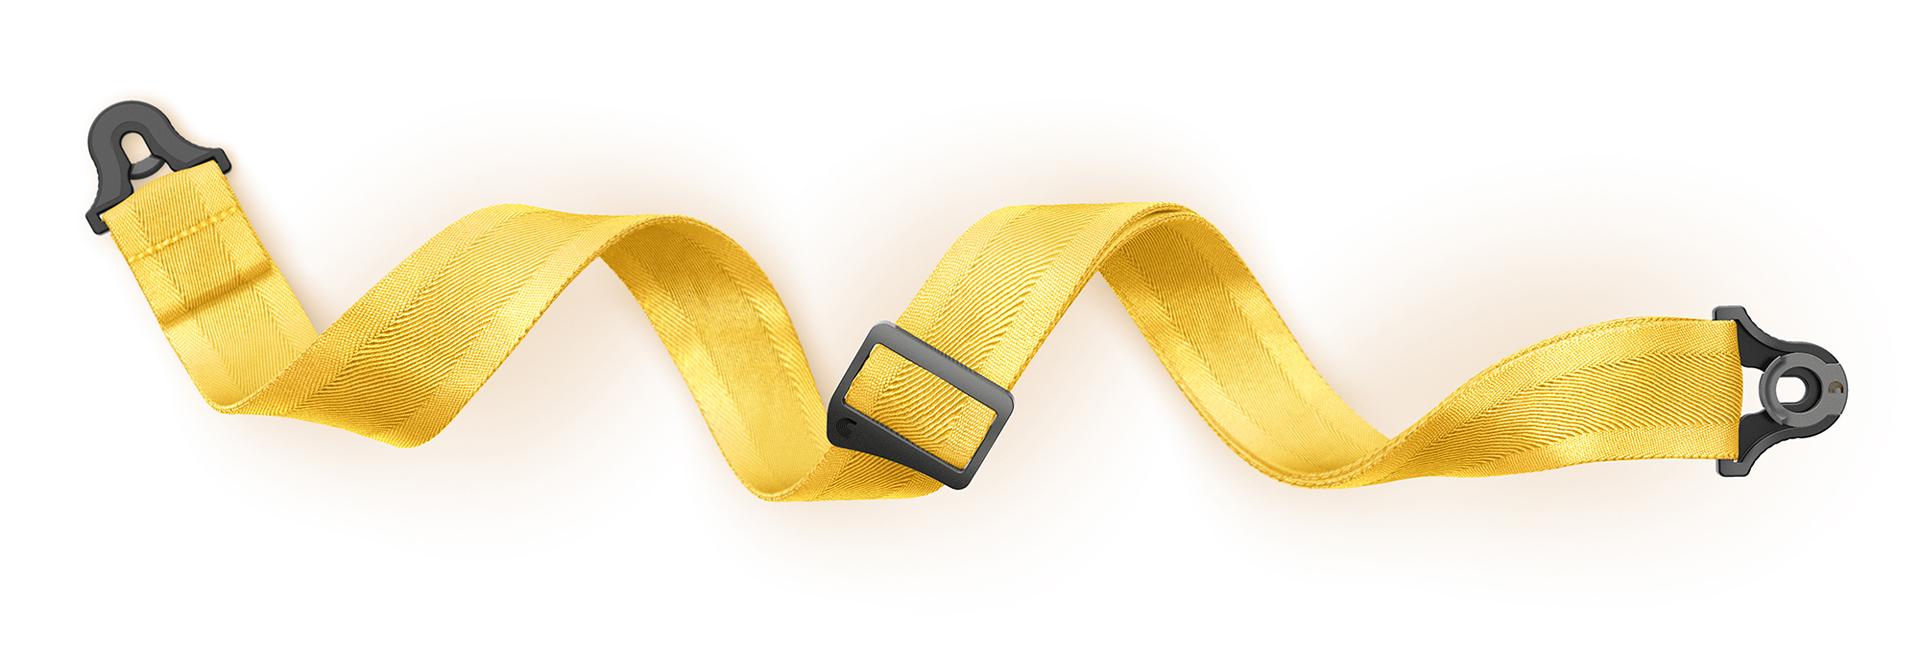 D'Addario Guitar Strap Lock Yellow Product Render